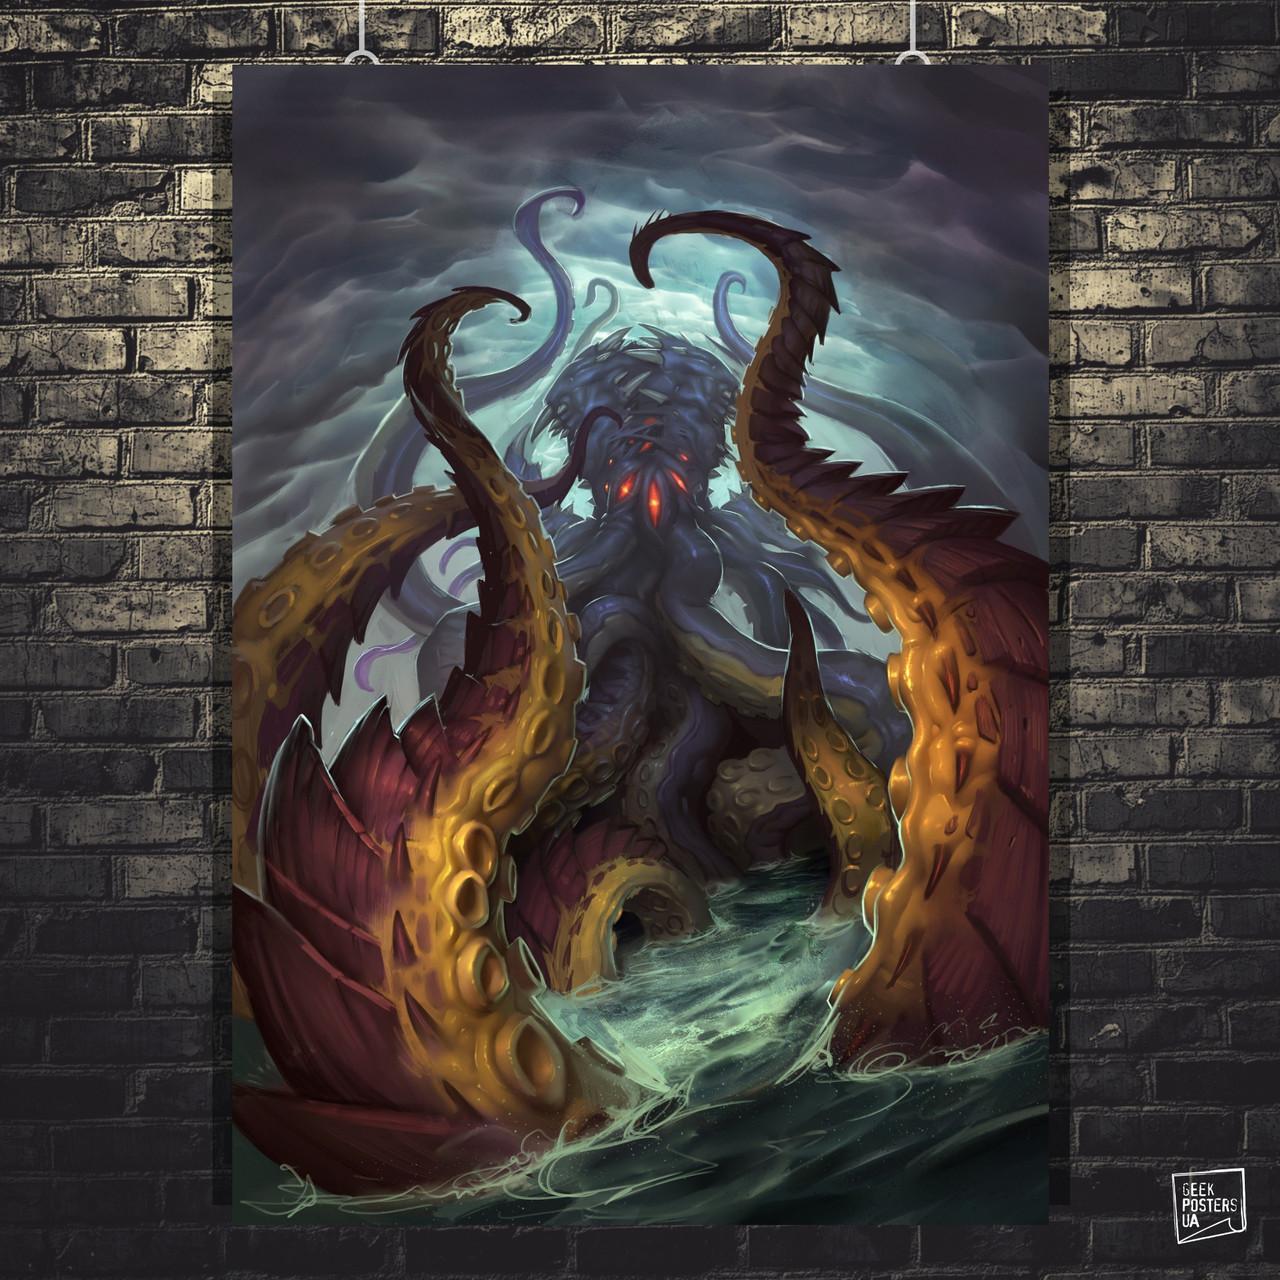 """Постер """"N'Zoth, древний бог"""", Лавкрафт, Lovecraft, Ктулху, Варкрафт. Размер 60x44см (A2). Глянцевая бумага"""